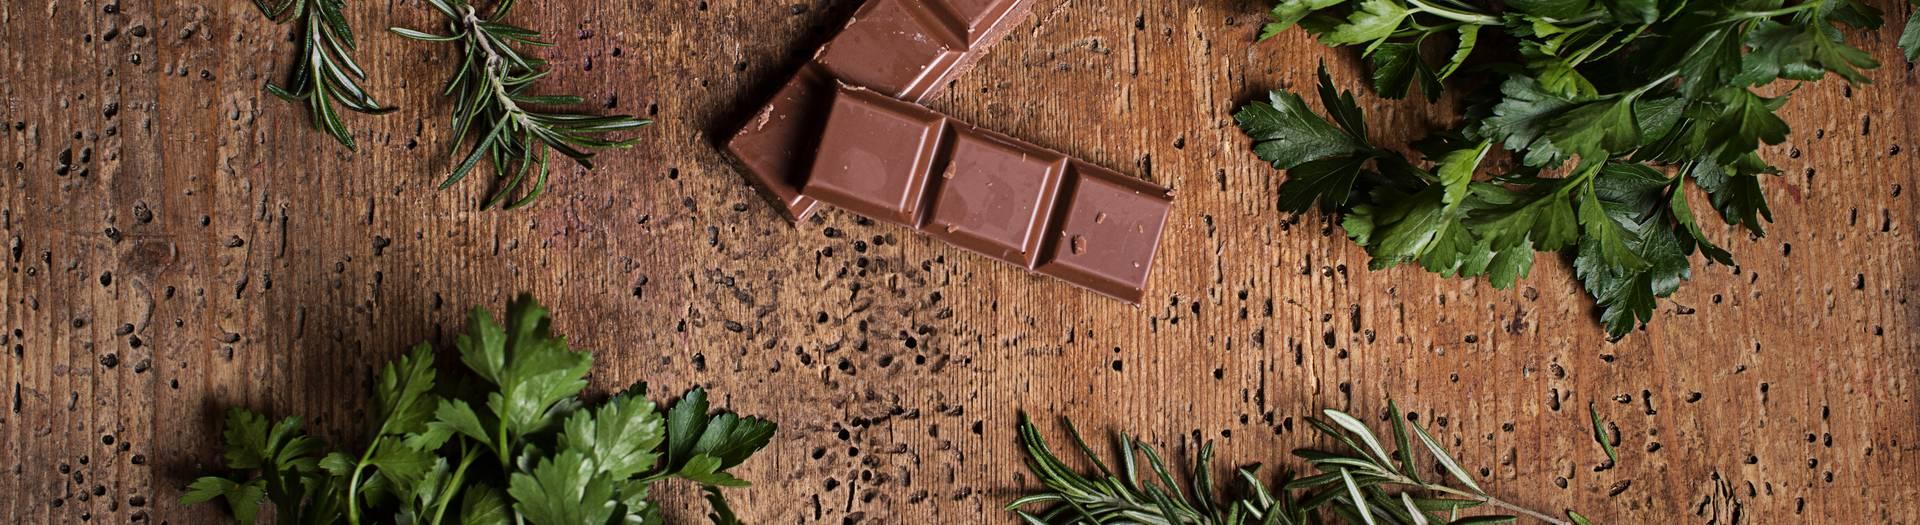 Schokolade mit Rosmarin und Petersilie